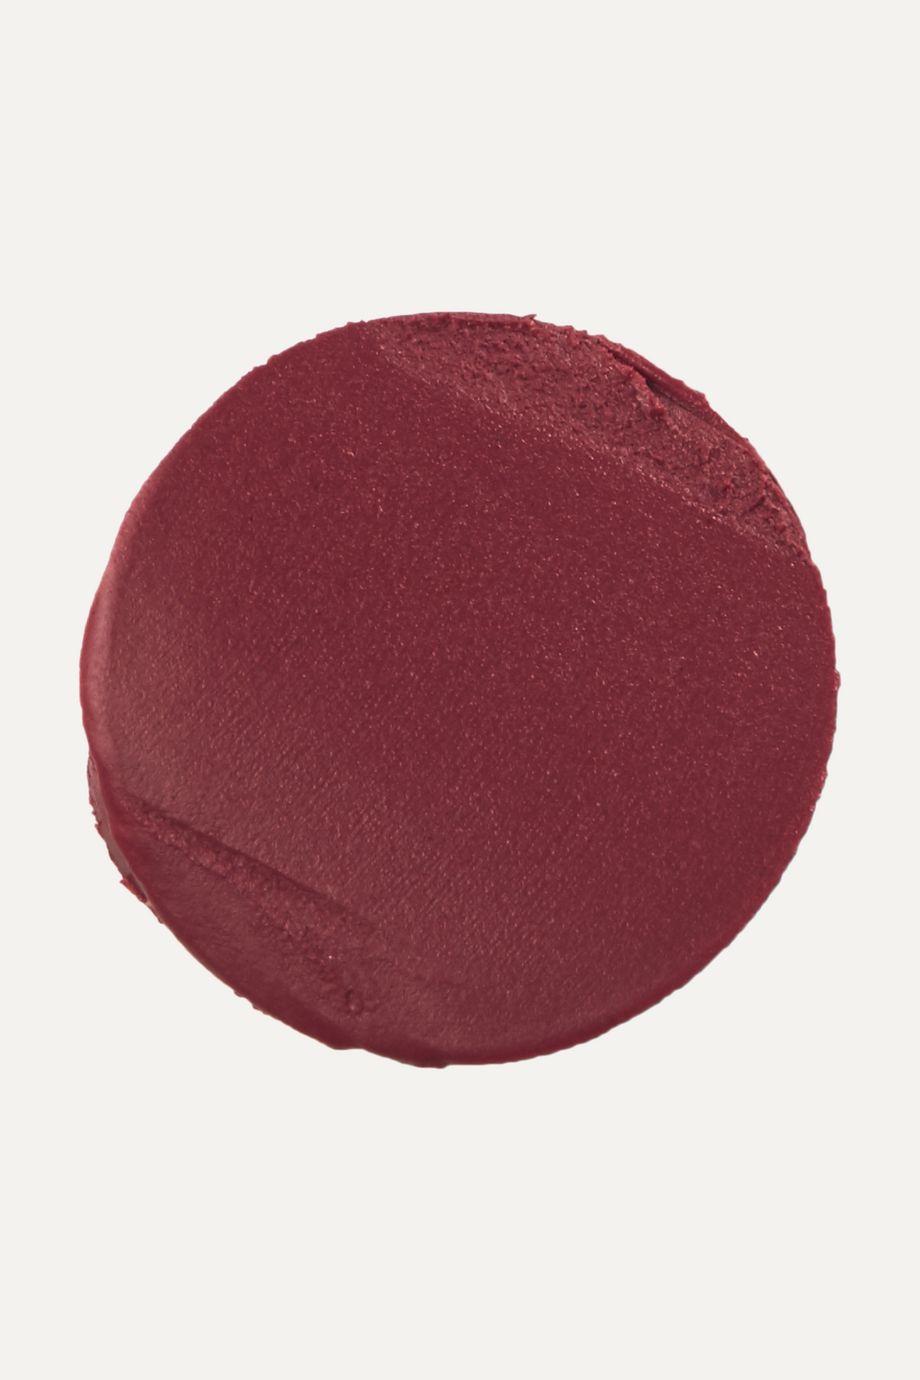 Bobbi Brown Crushed Lip Color - Telluride